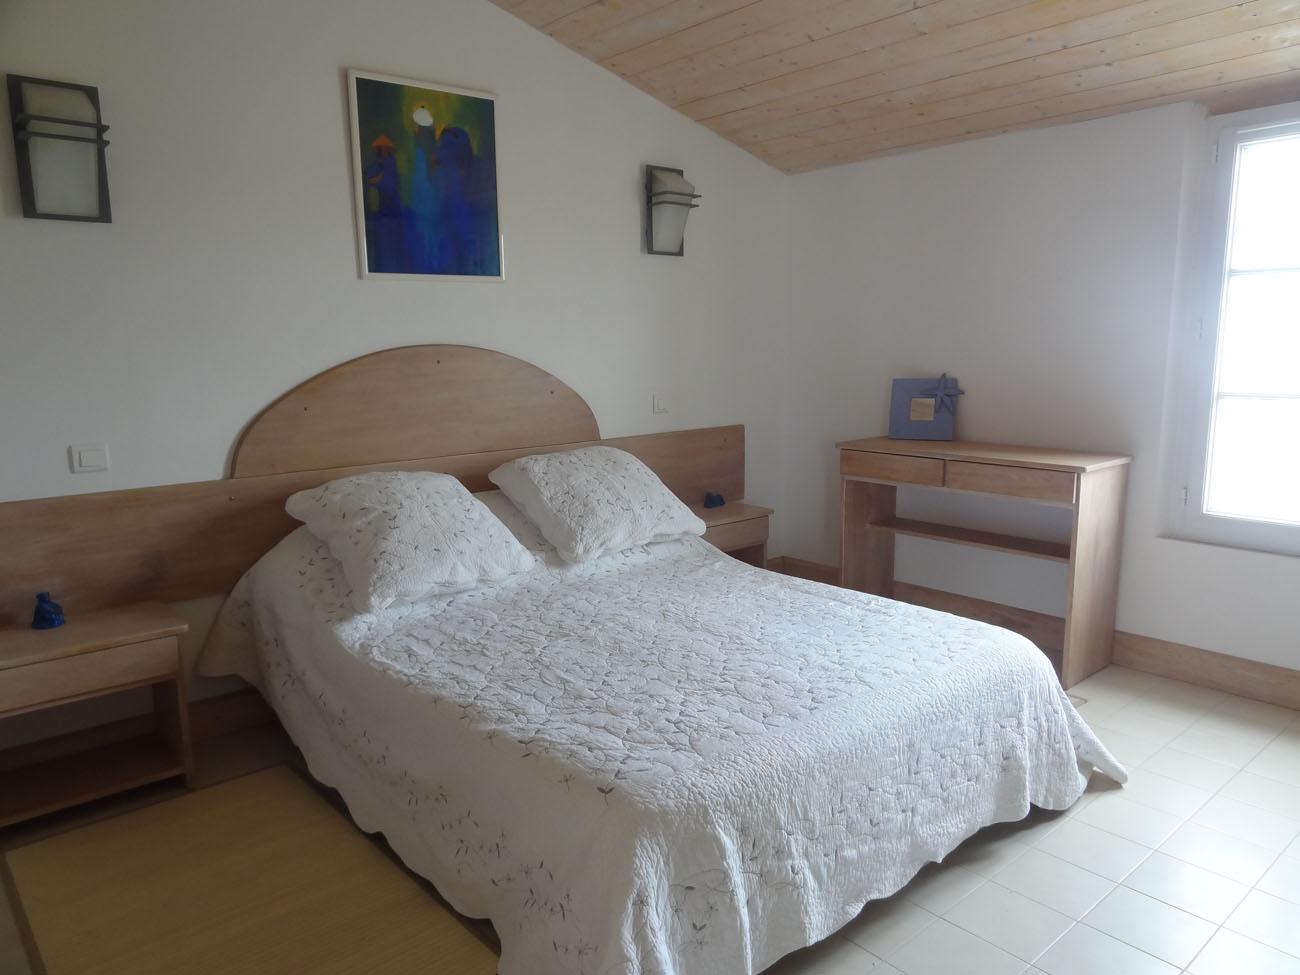 Location Maison Ile de Ré - Campanule - Chambre 2